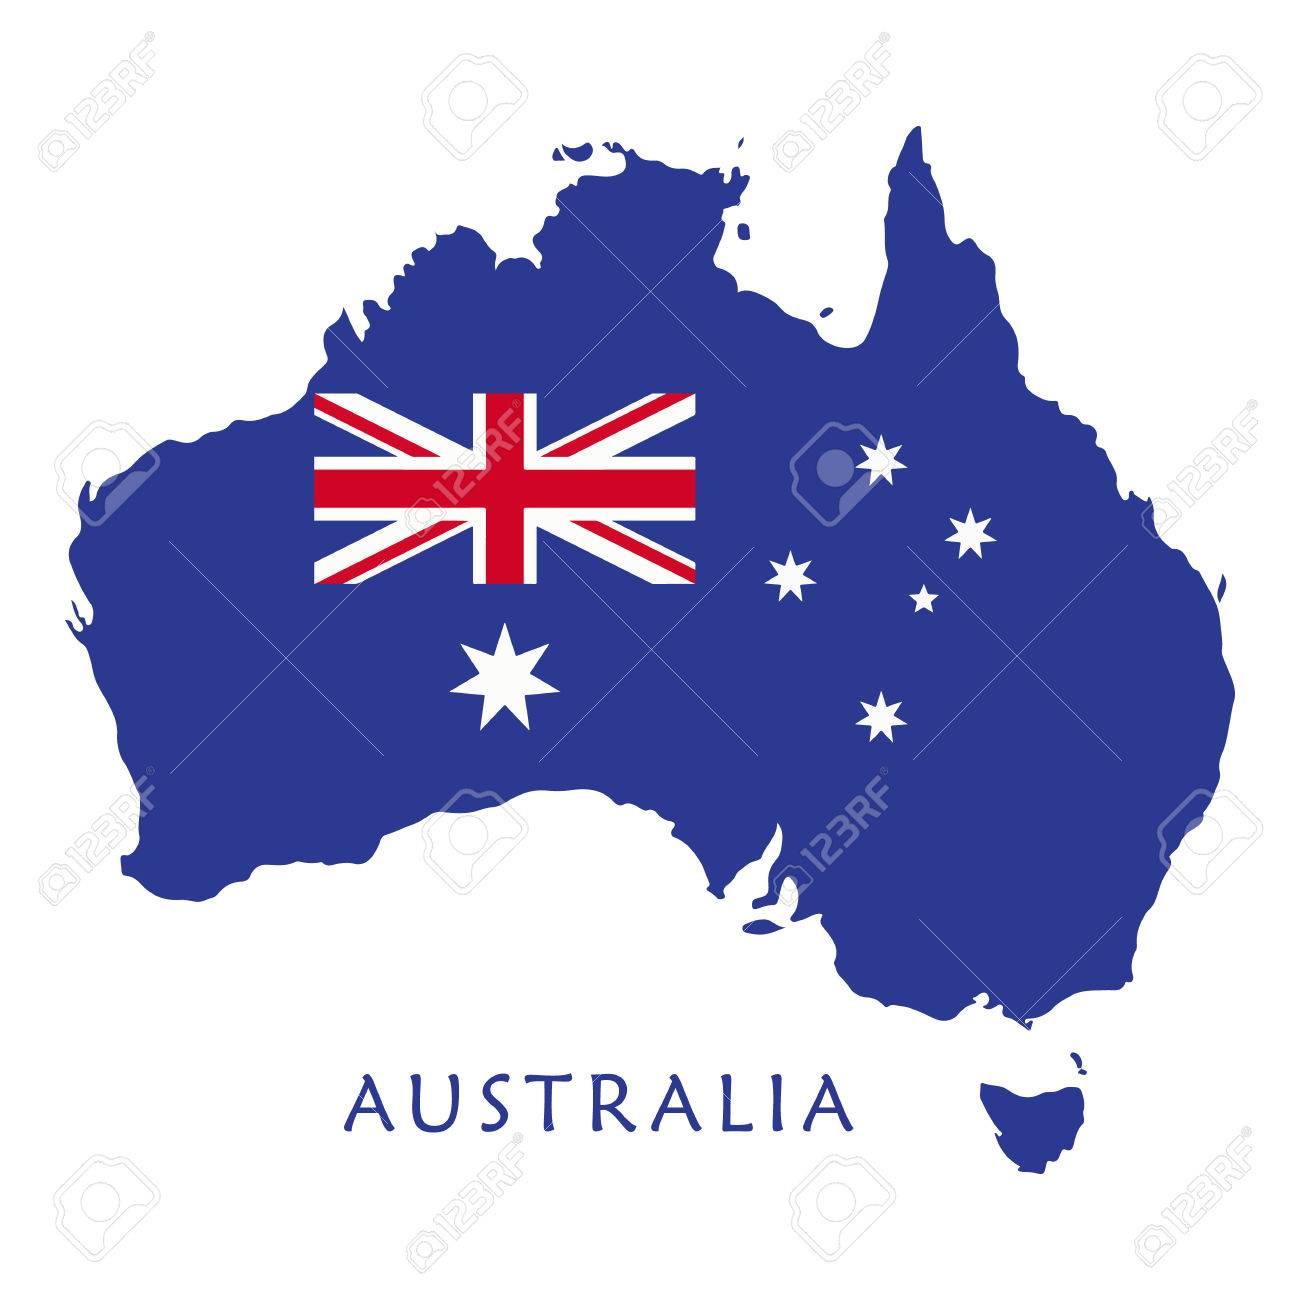 Carte Australie Drapeau.Carte Australie Bleu Carte De L Australie Avec Le Drapeau Australien Isole Sur Blanc Conception Du Modele D Arriere Plan Motif De Drapeau